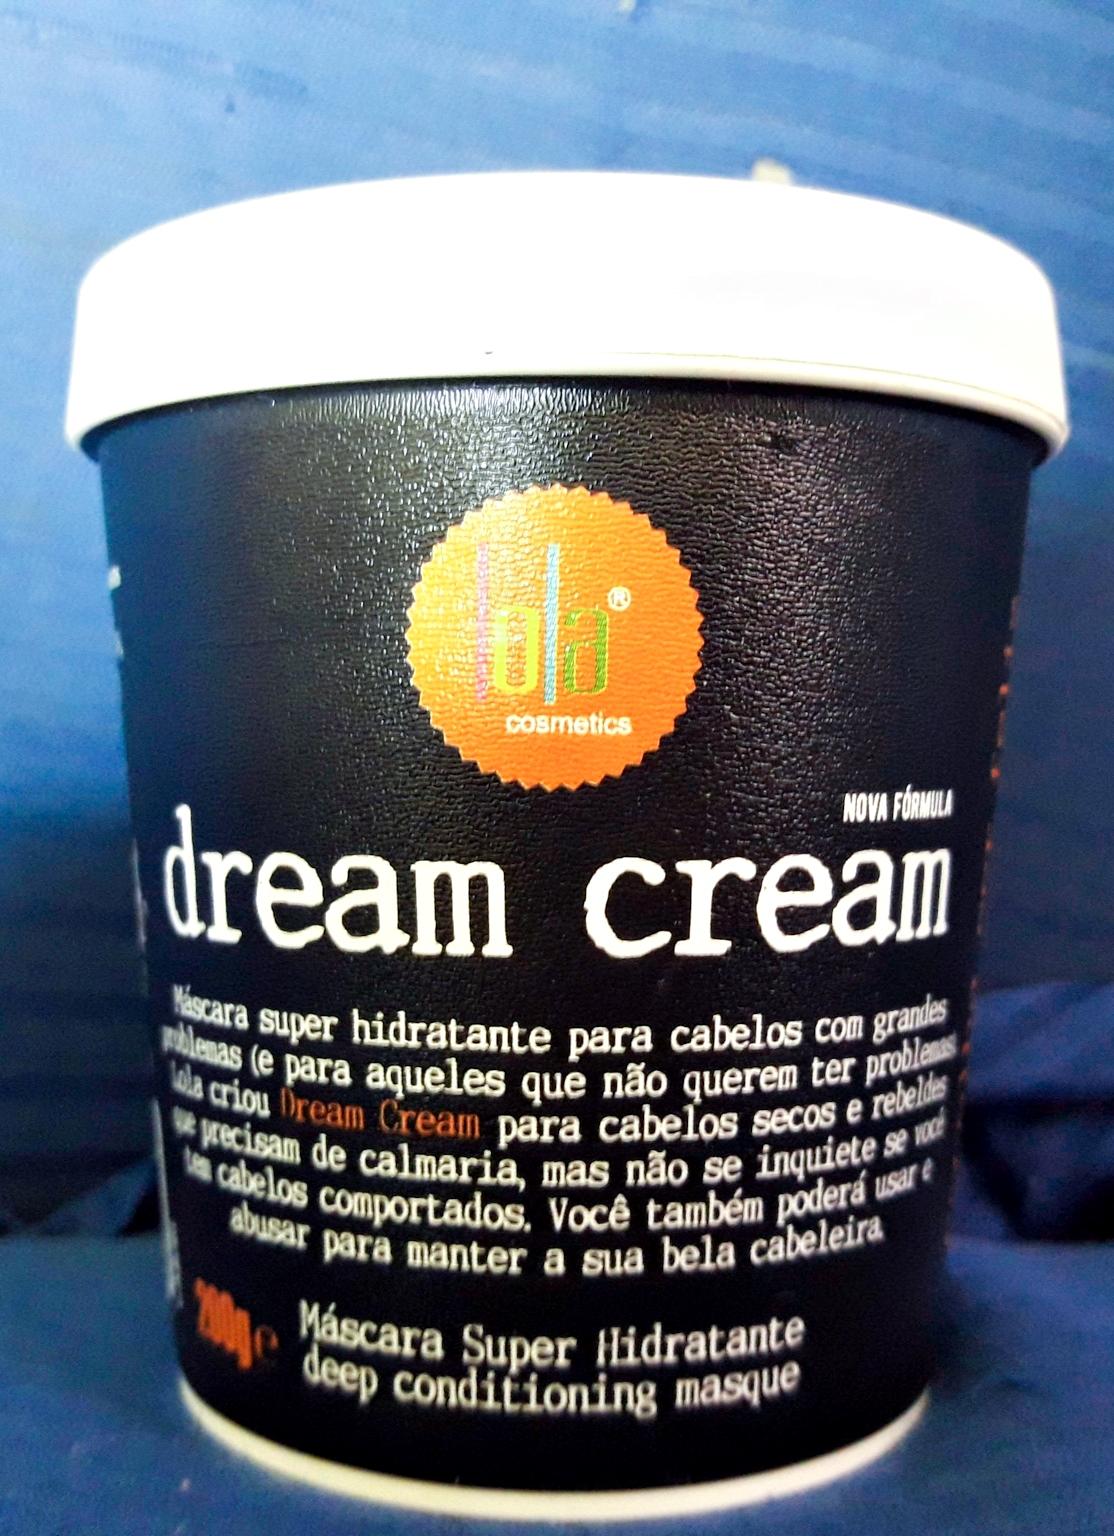 Resenha comparativa Dream cream formula nova e formula antiga